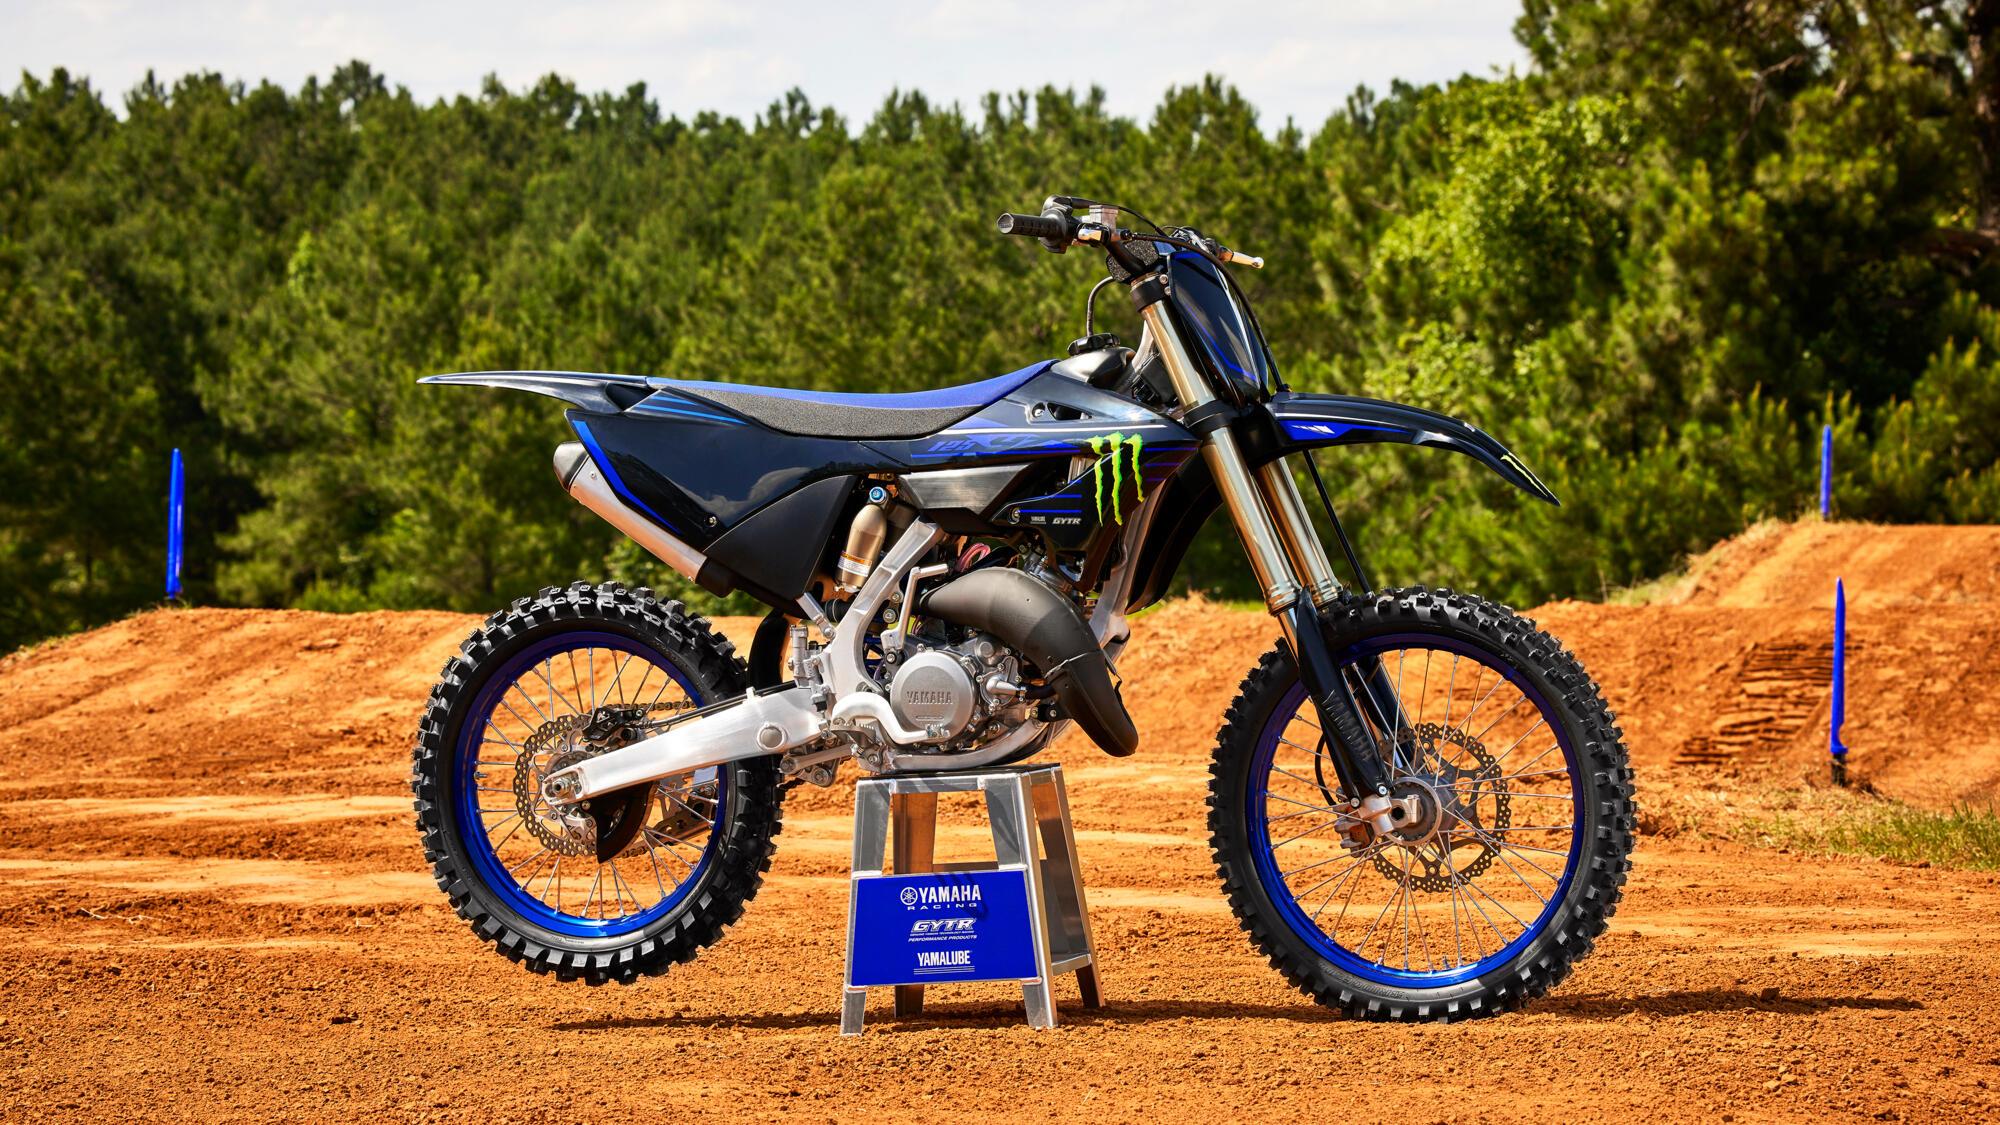 YZ125 Monster Energy Yamaha Racing Edition 2022